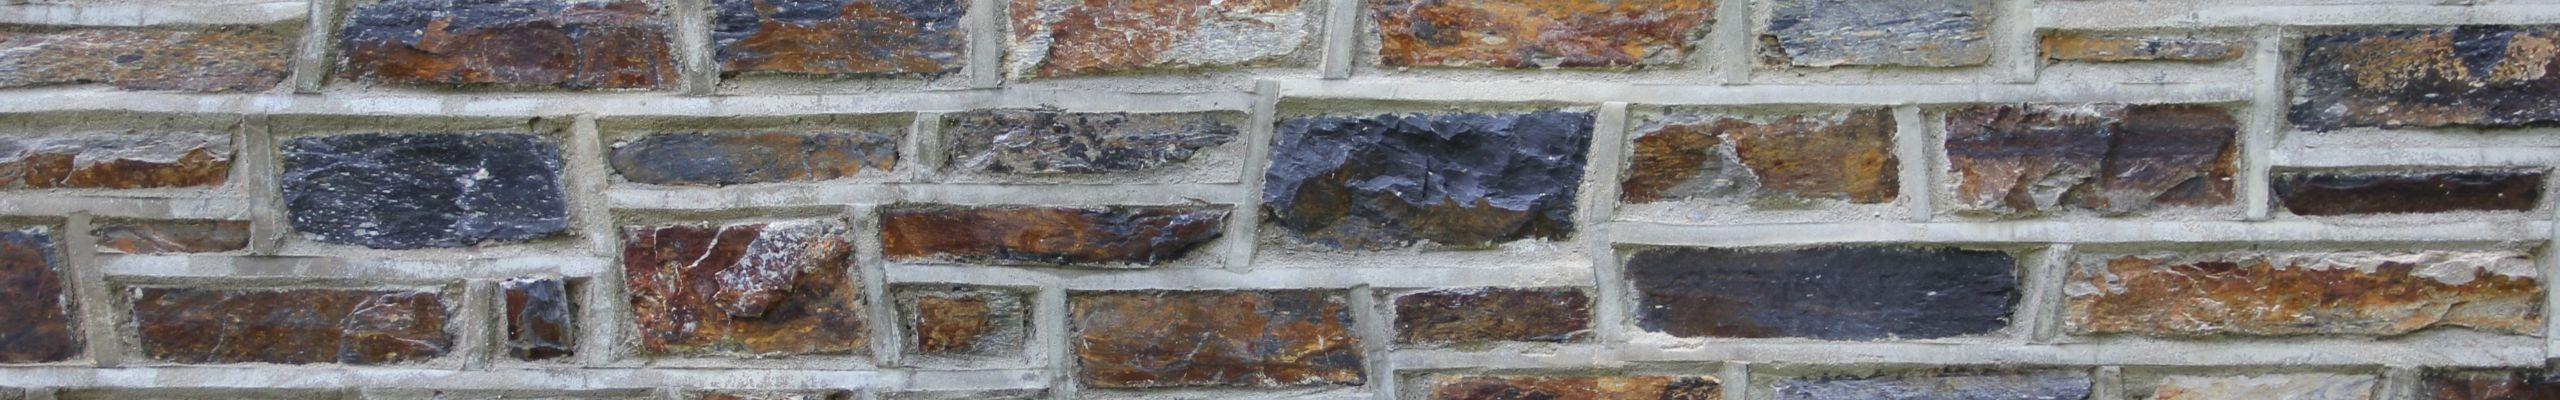 close up of Duke stone